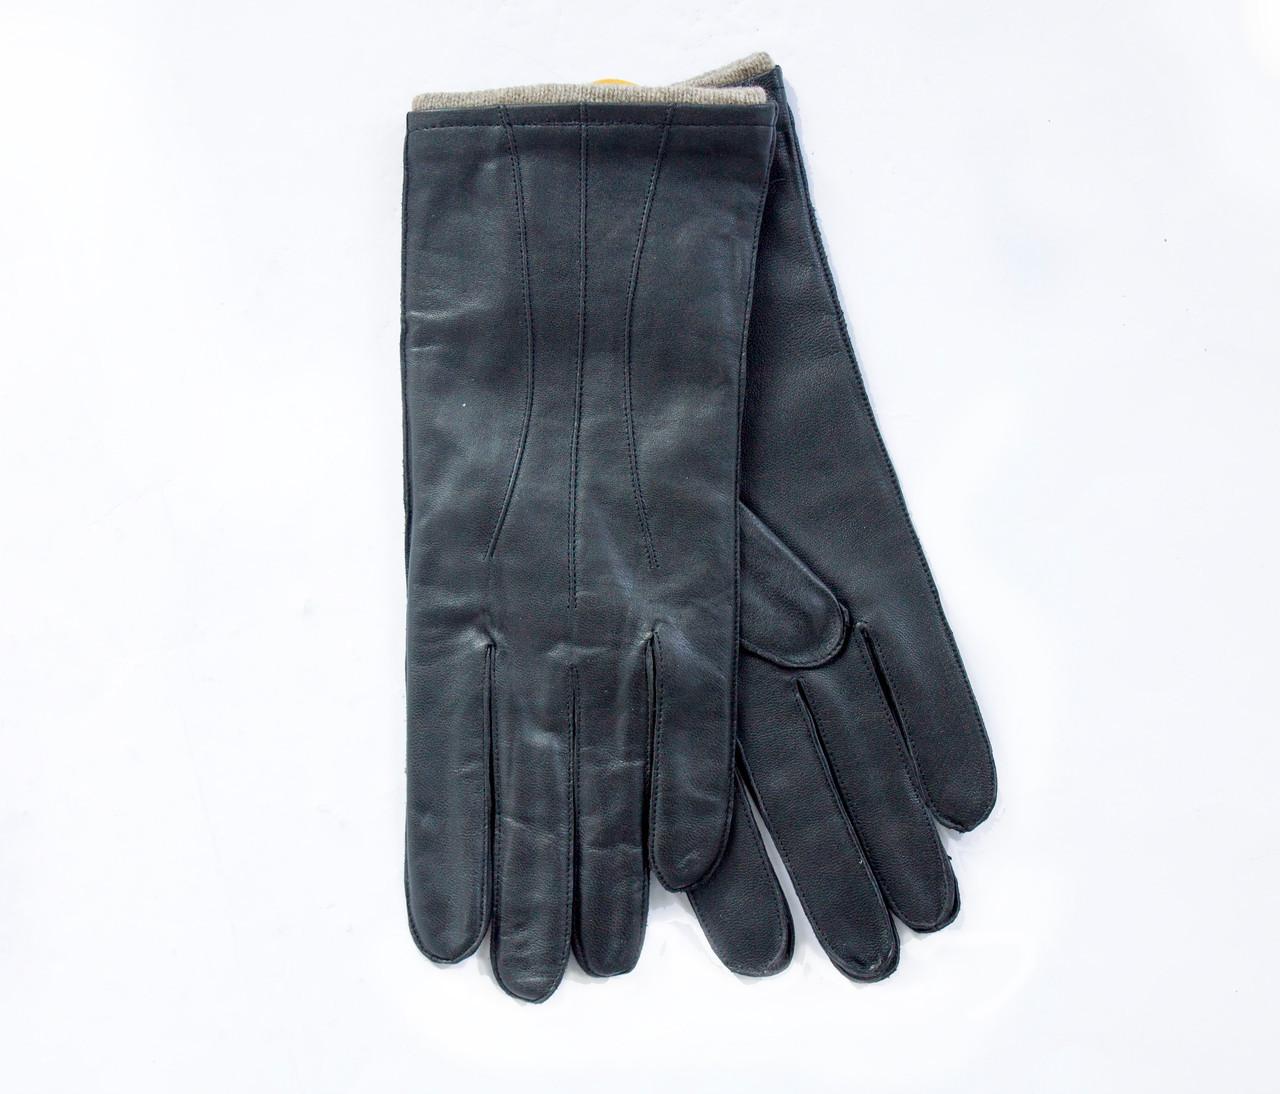 Женские кожаные перчатки Shust Средние 11-848